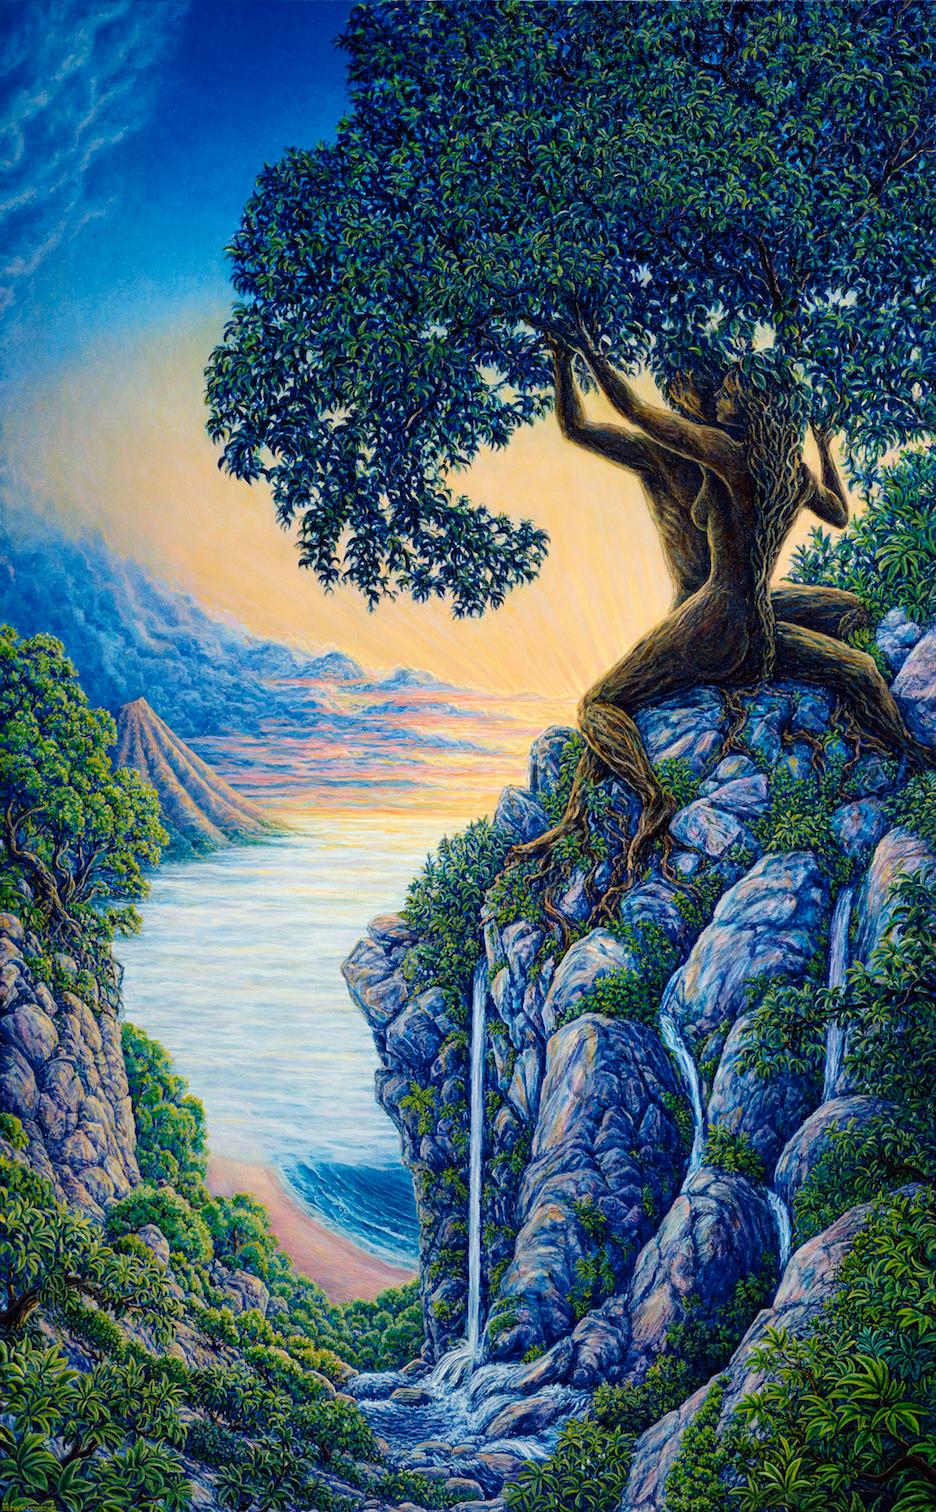 Arboreal giclee nkxezb